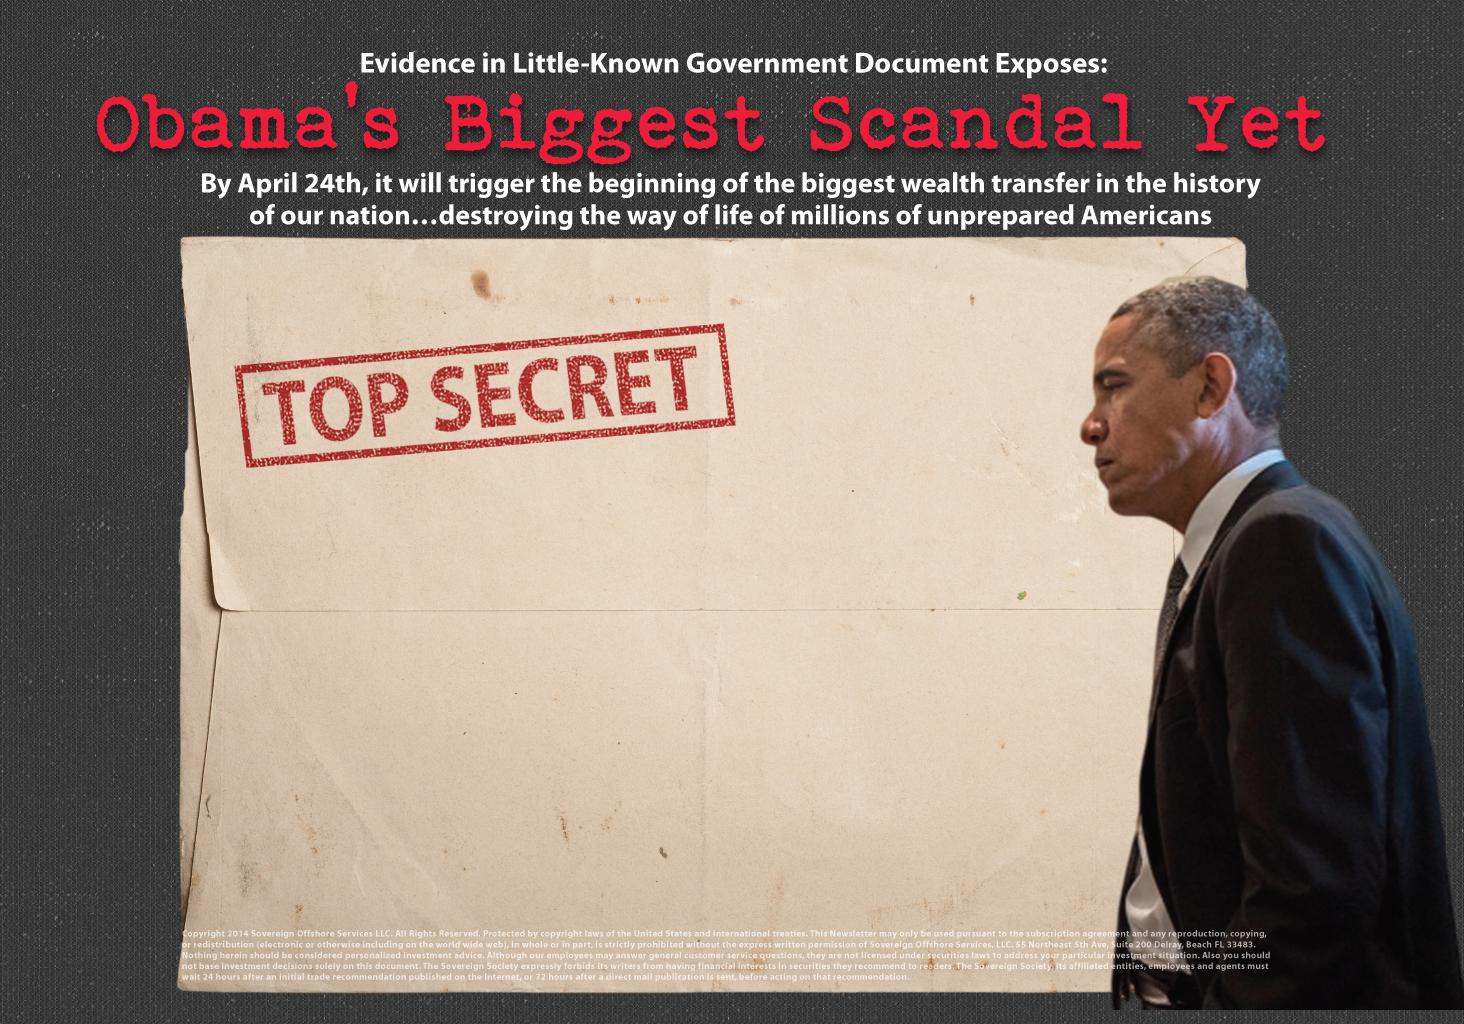 Obama background image